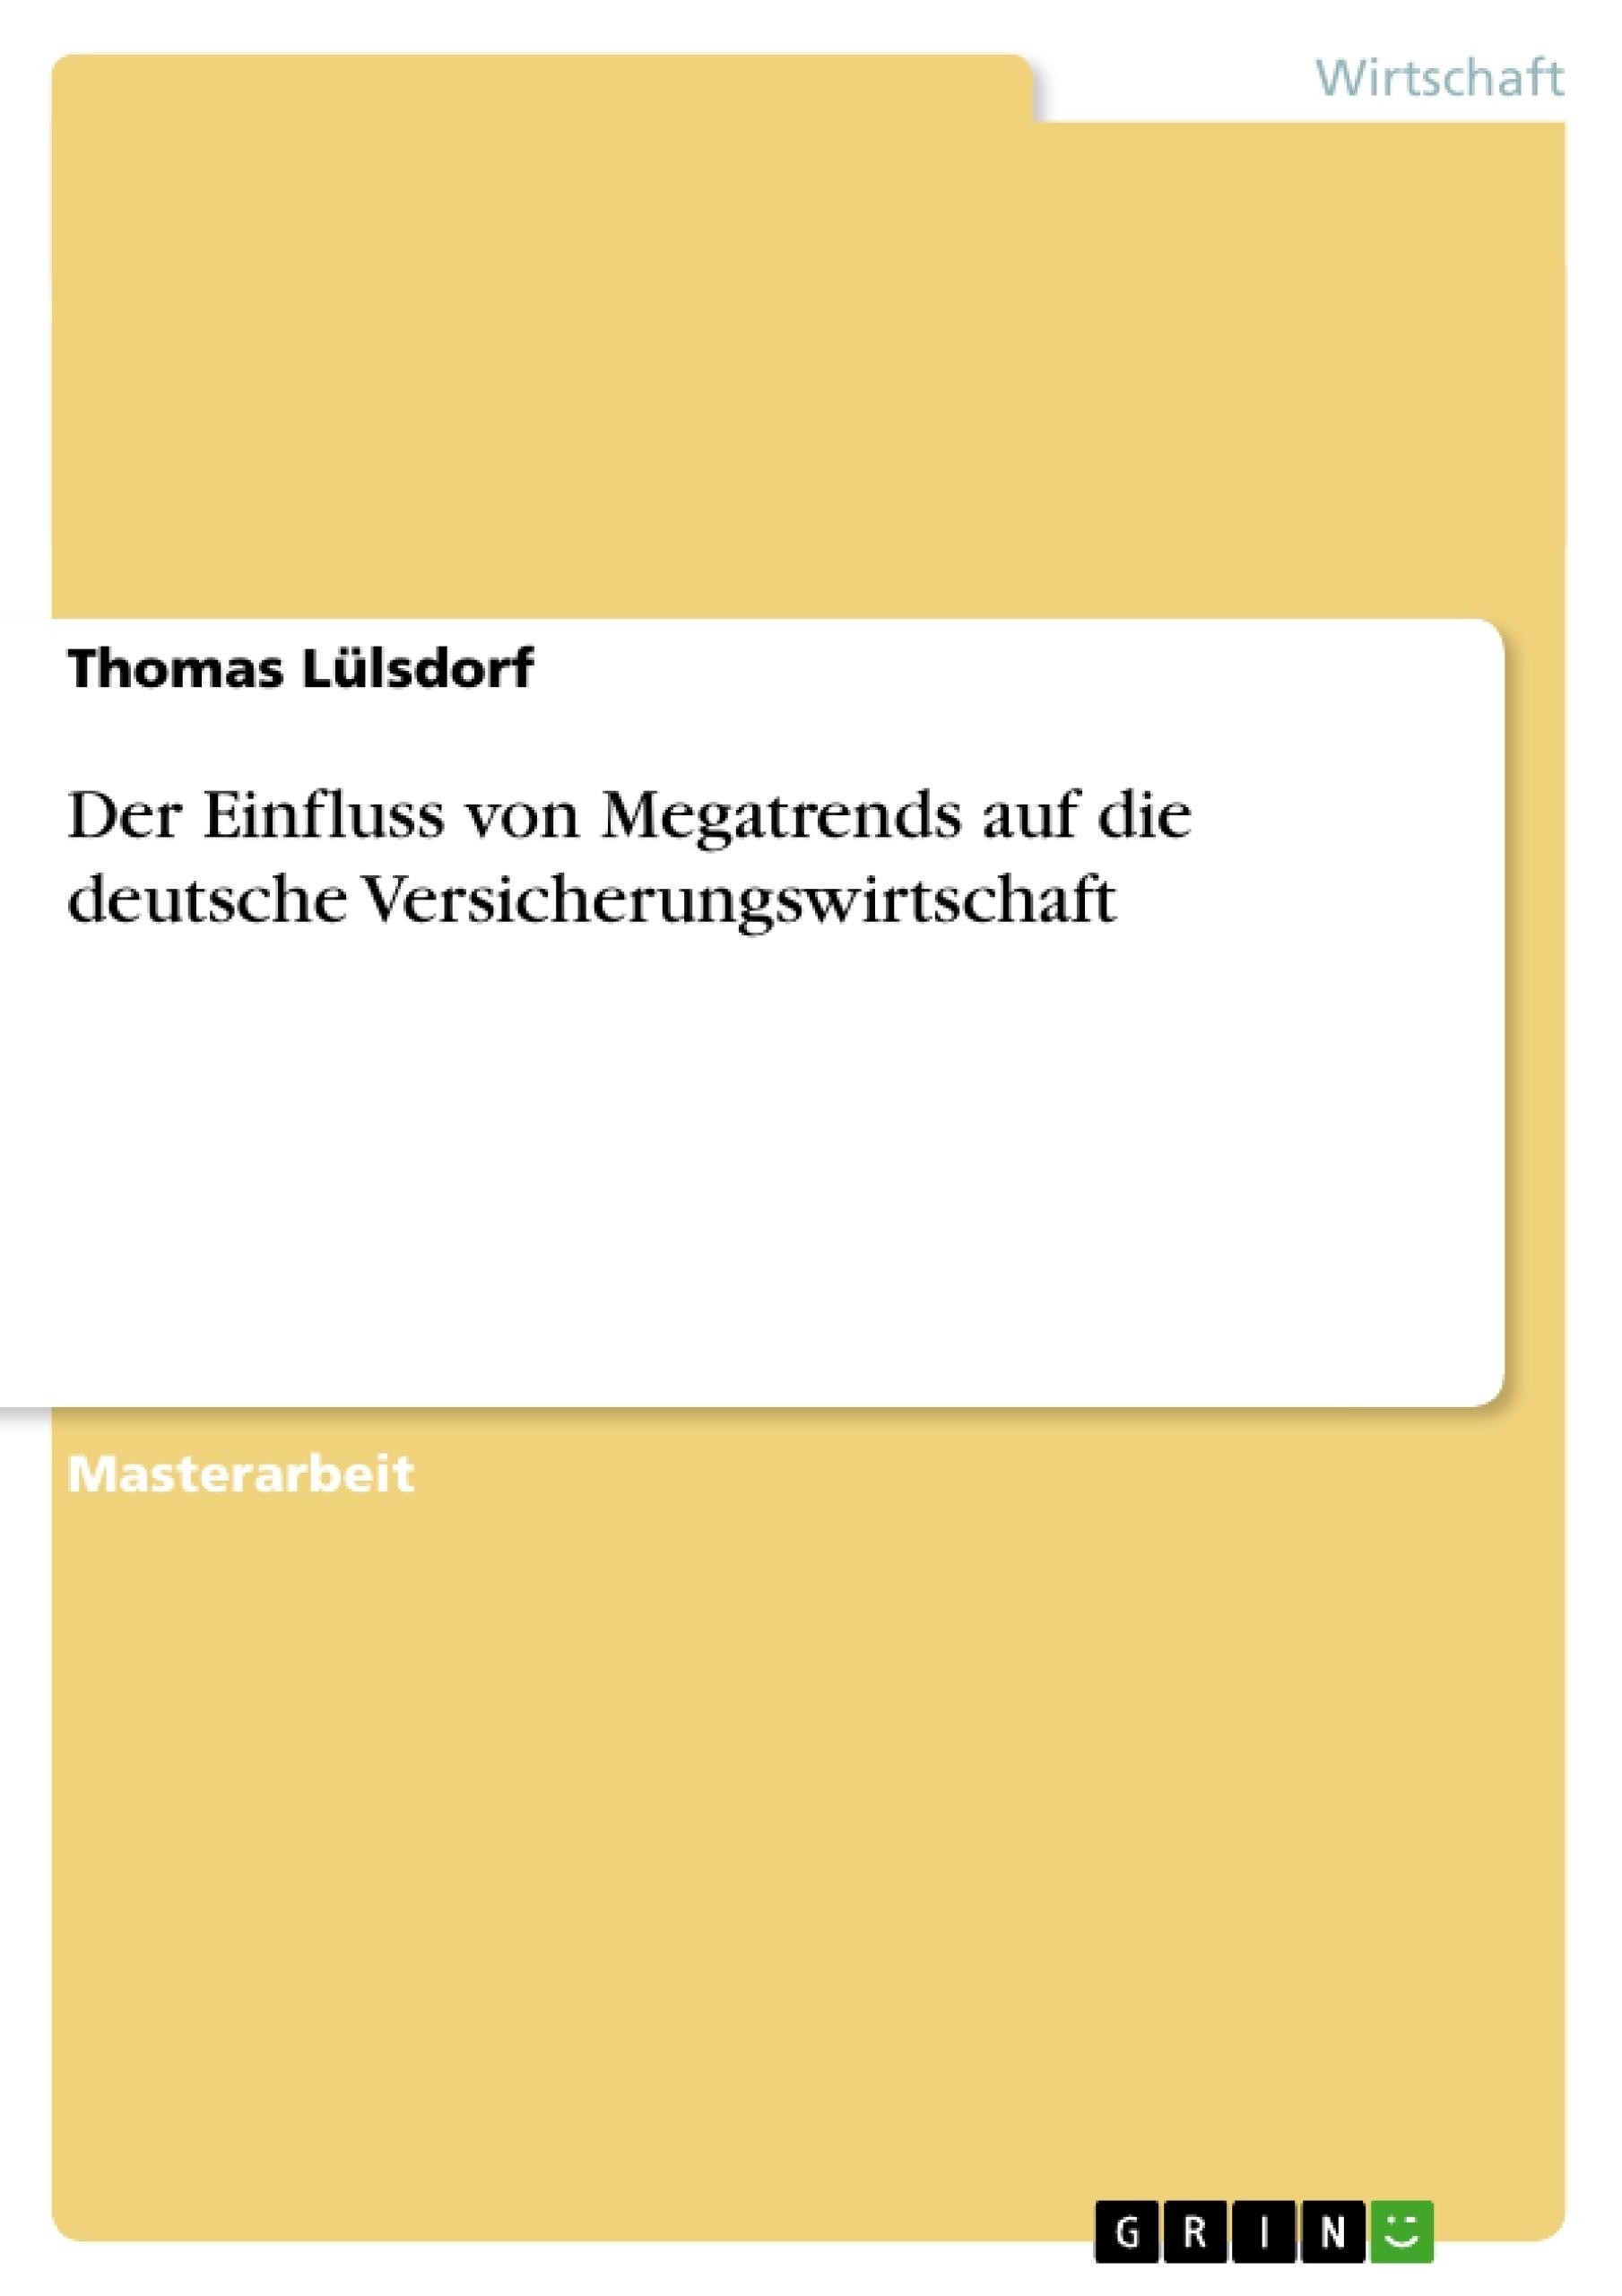 Titel: Der Einfluss von Megatrends auf die deutsche Versicherungswirtschaft